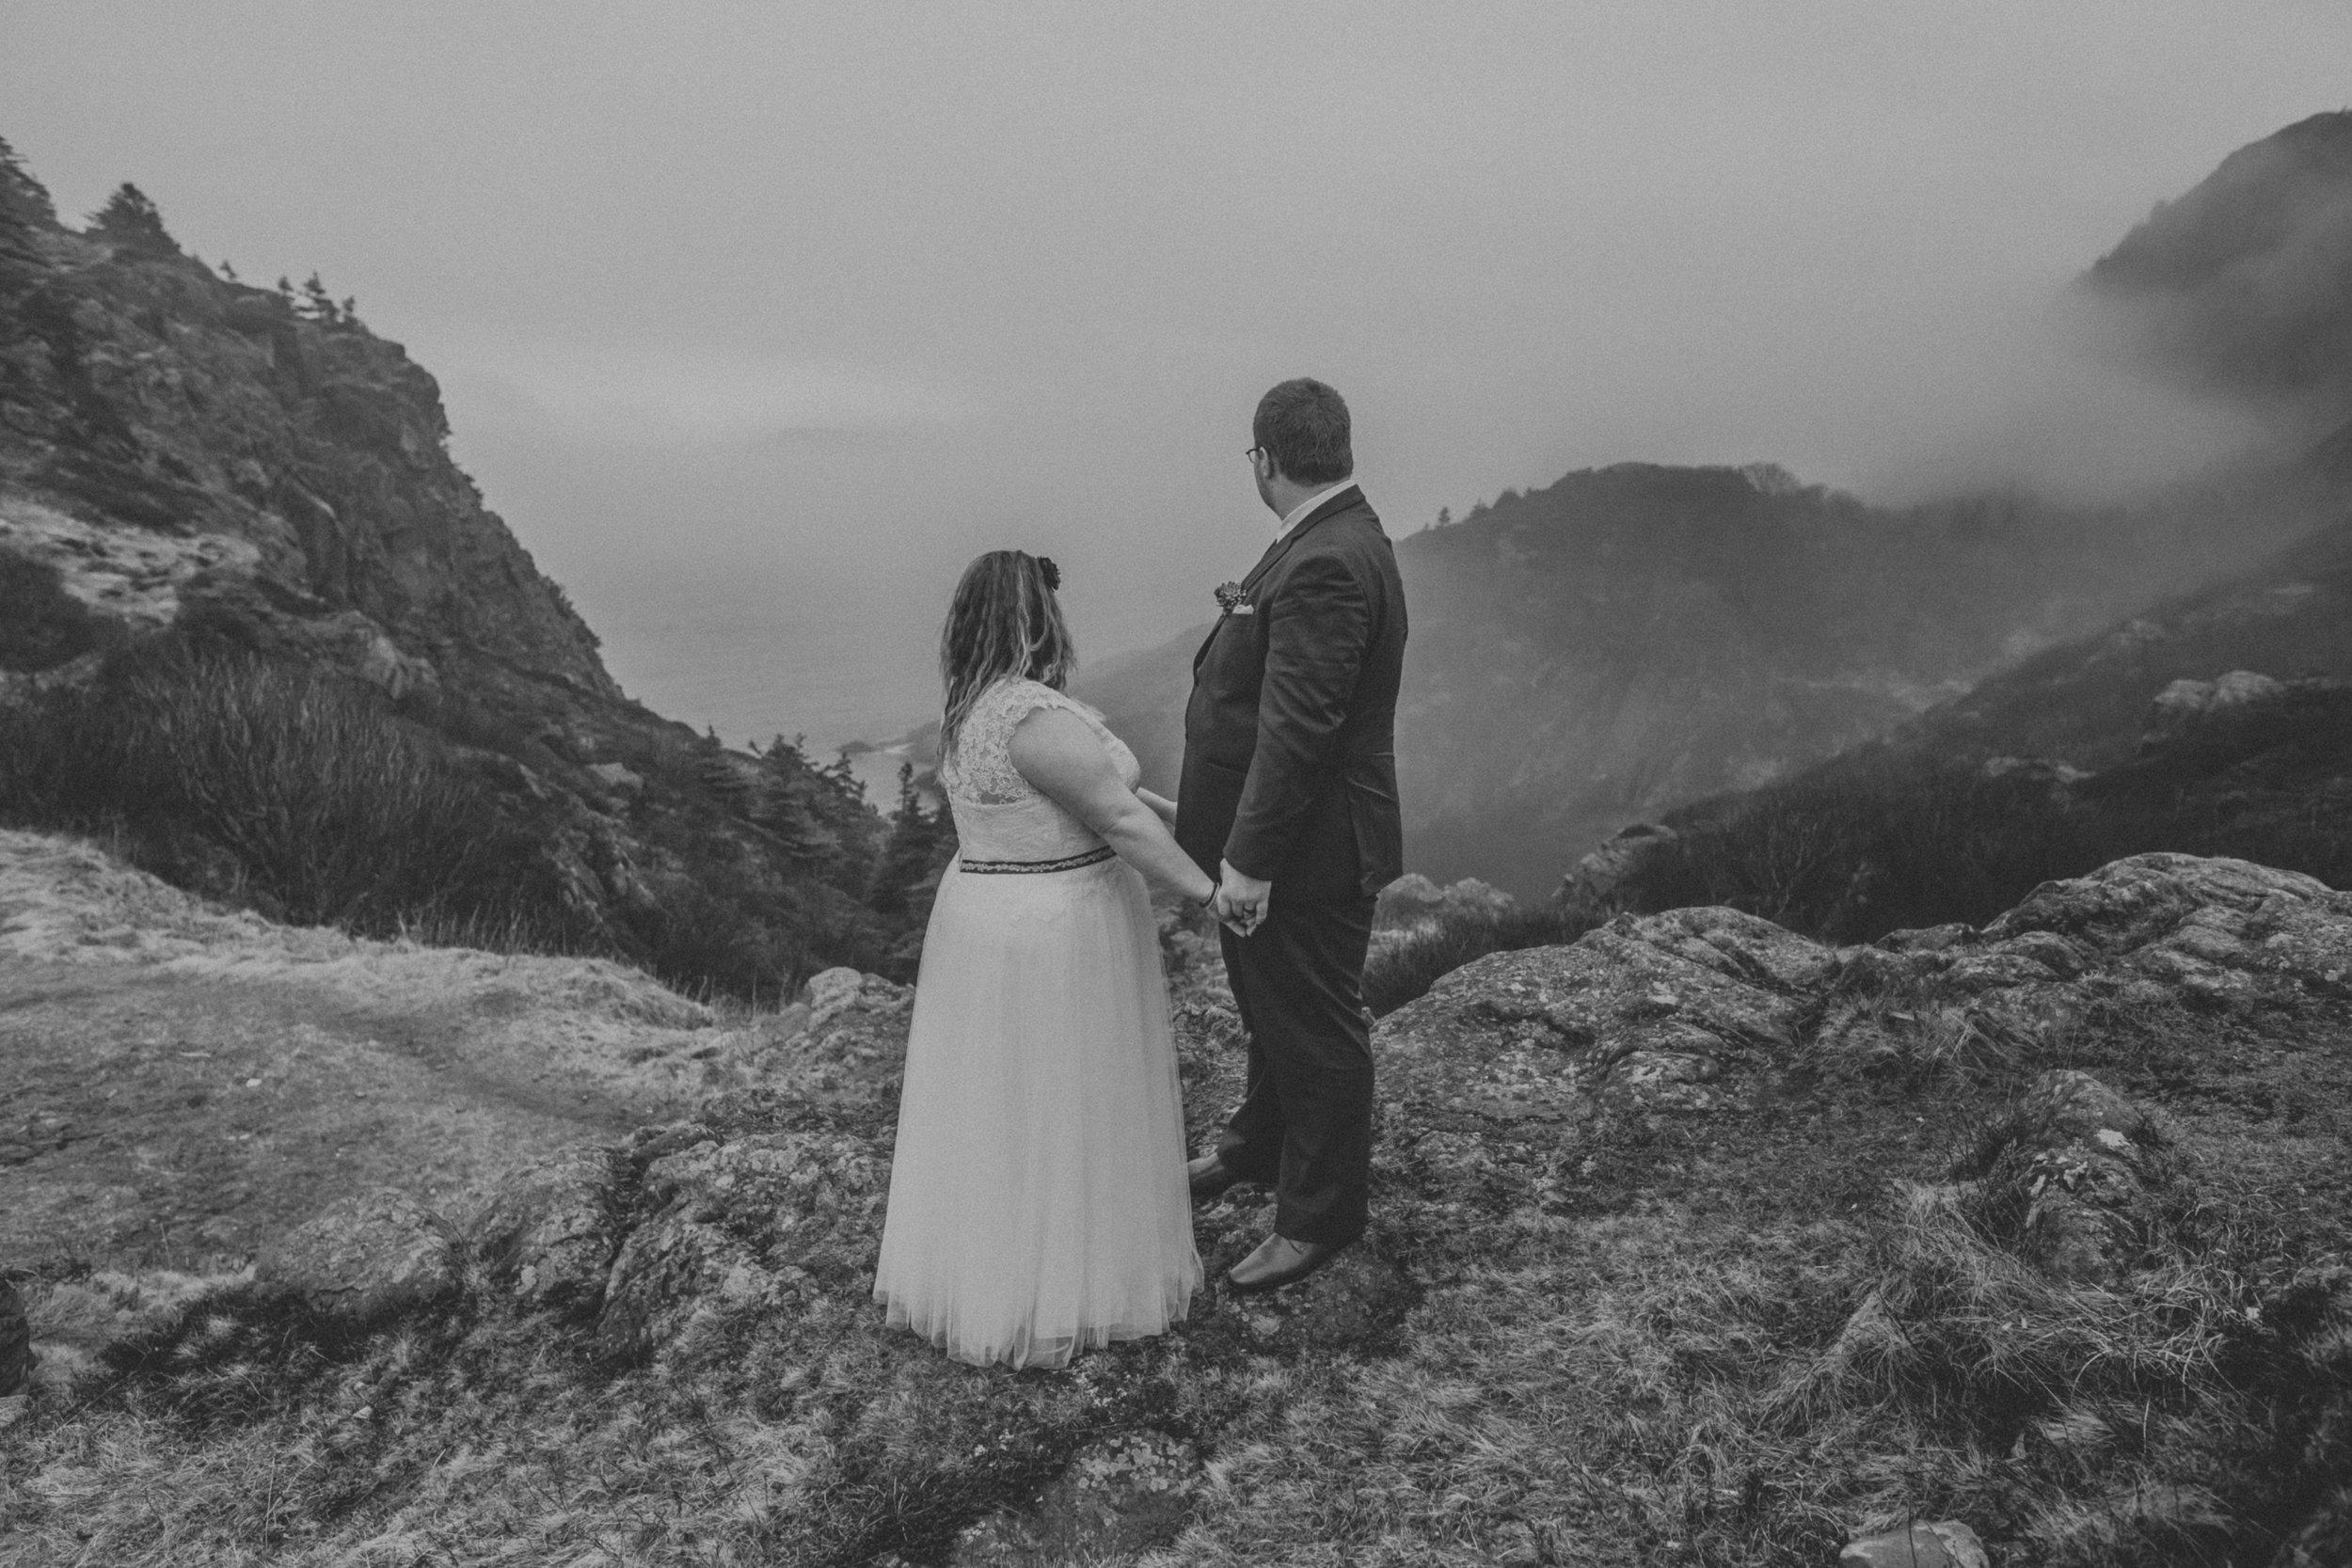 Cuckolds Cove elopement, Newfoundland photographer